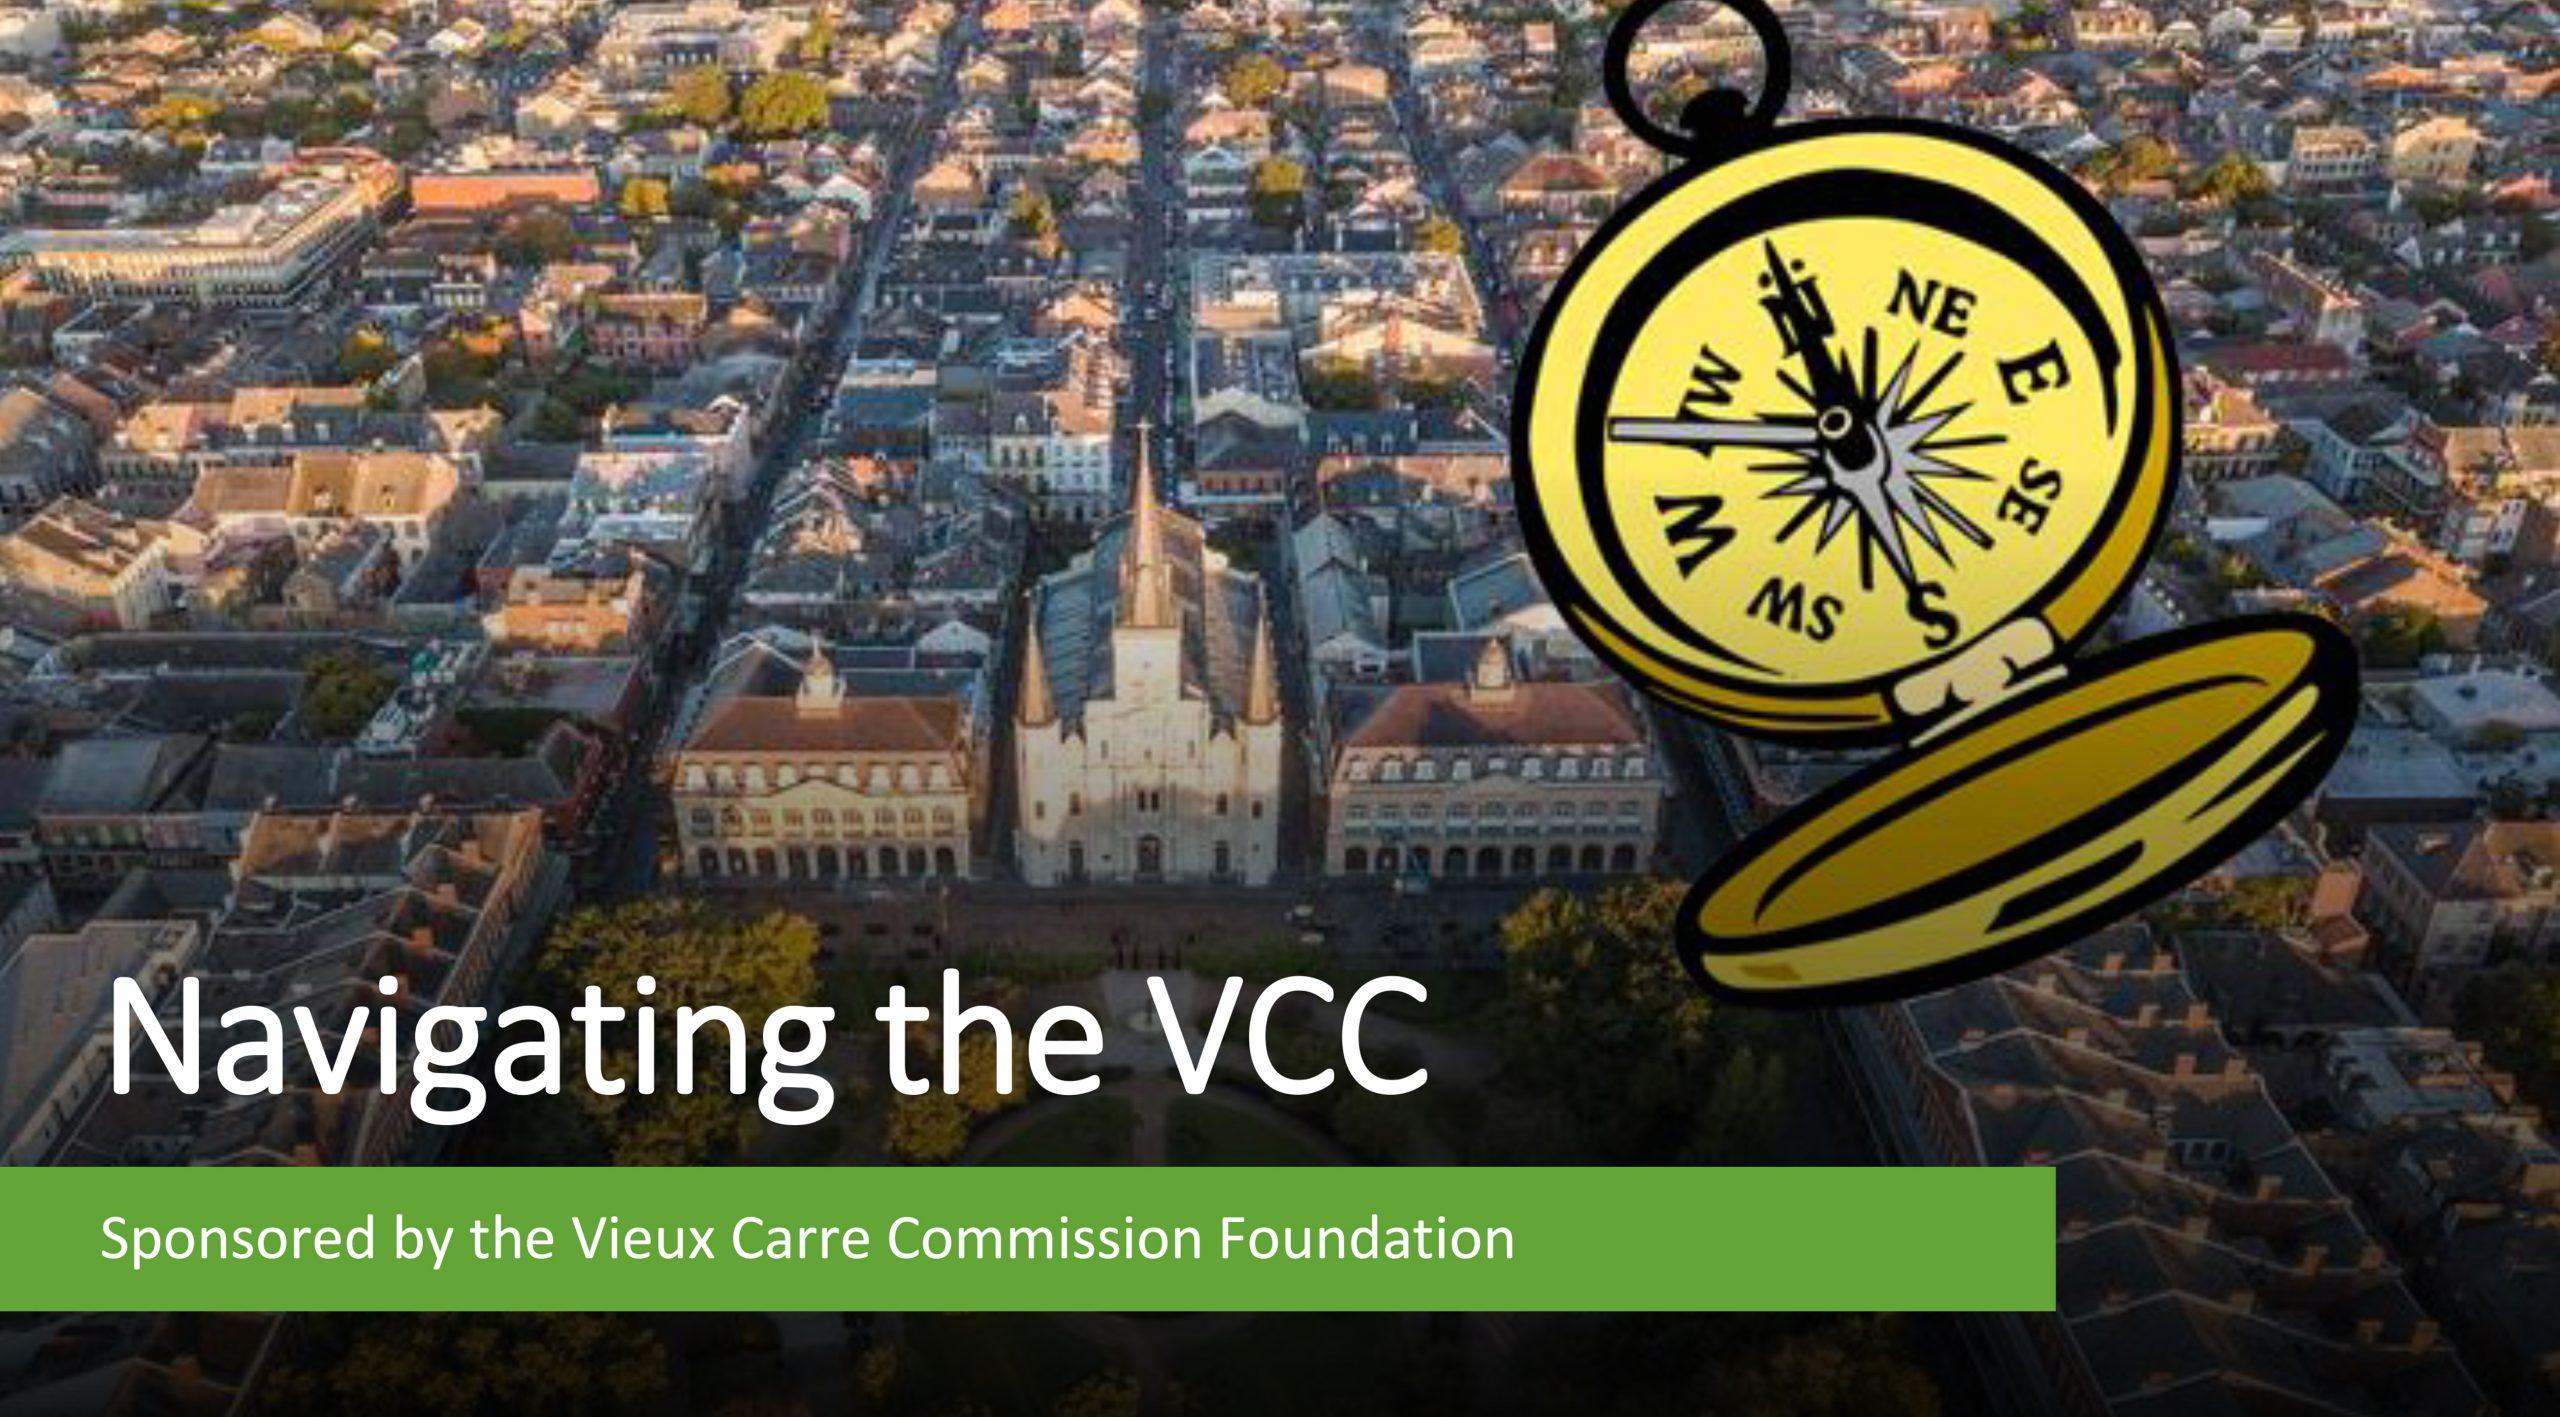 Navigating the VCC